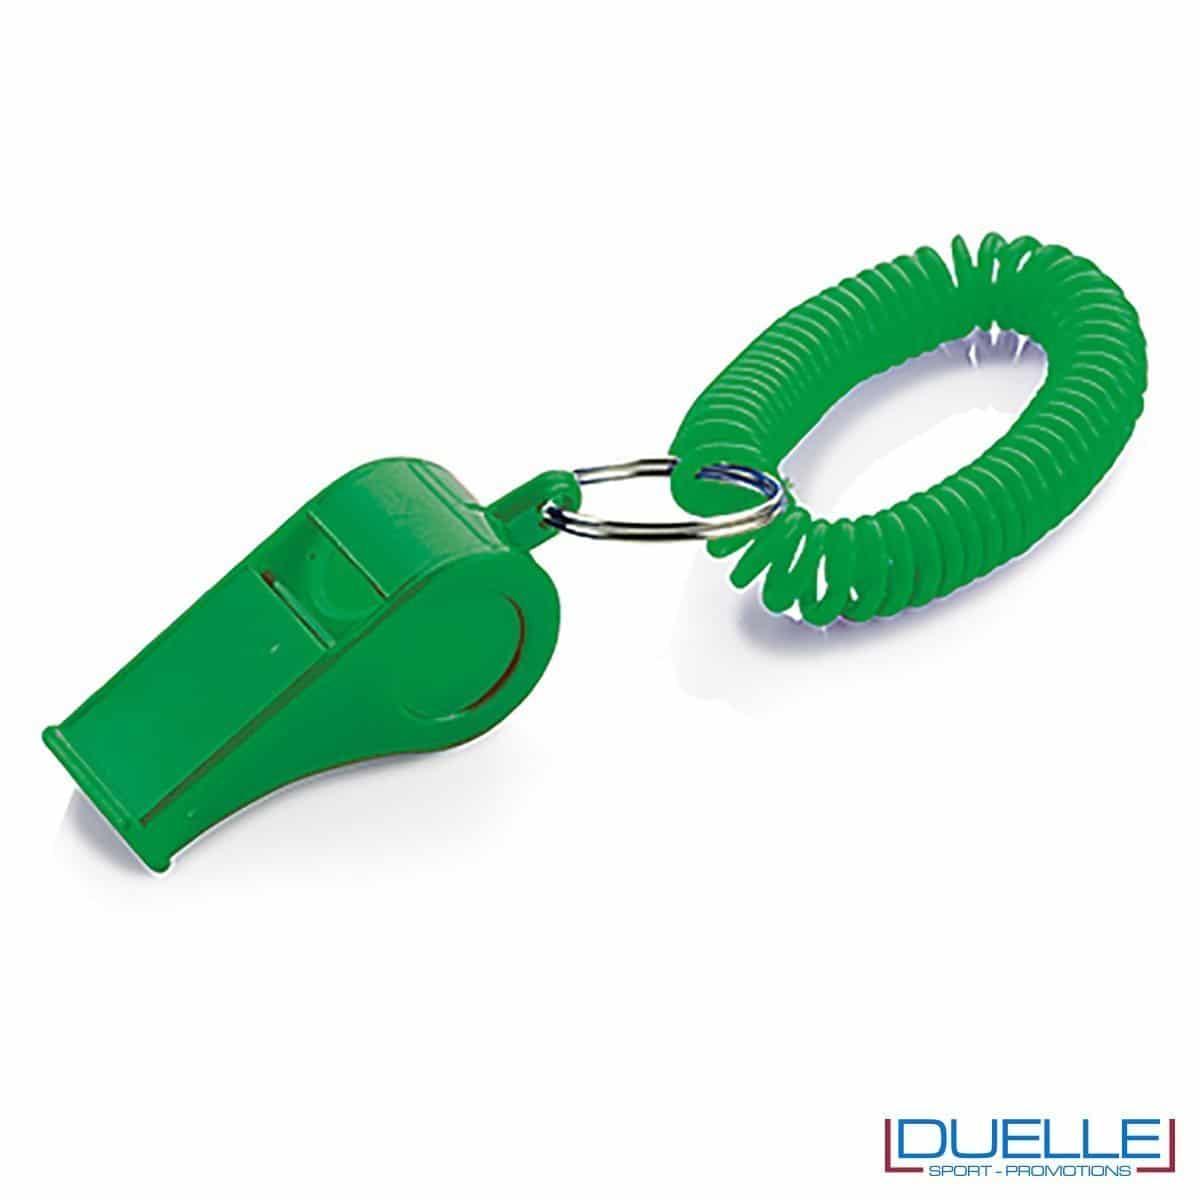 fischietto personalizzato verde con bracciale a molla - gadget per feste e tifo